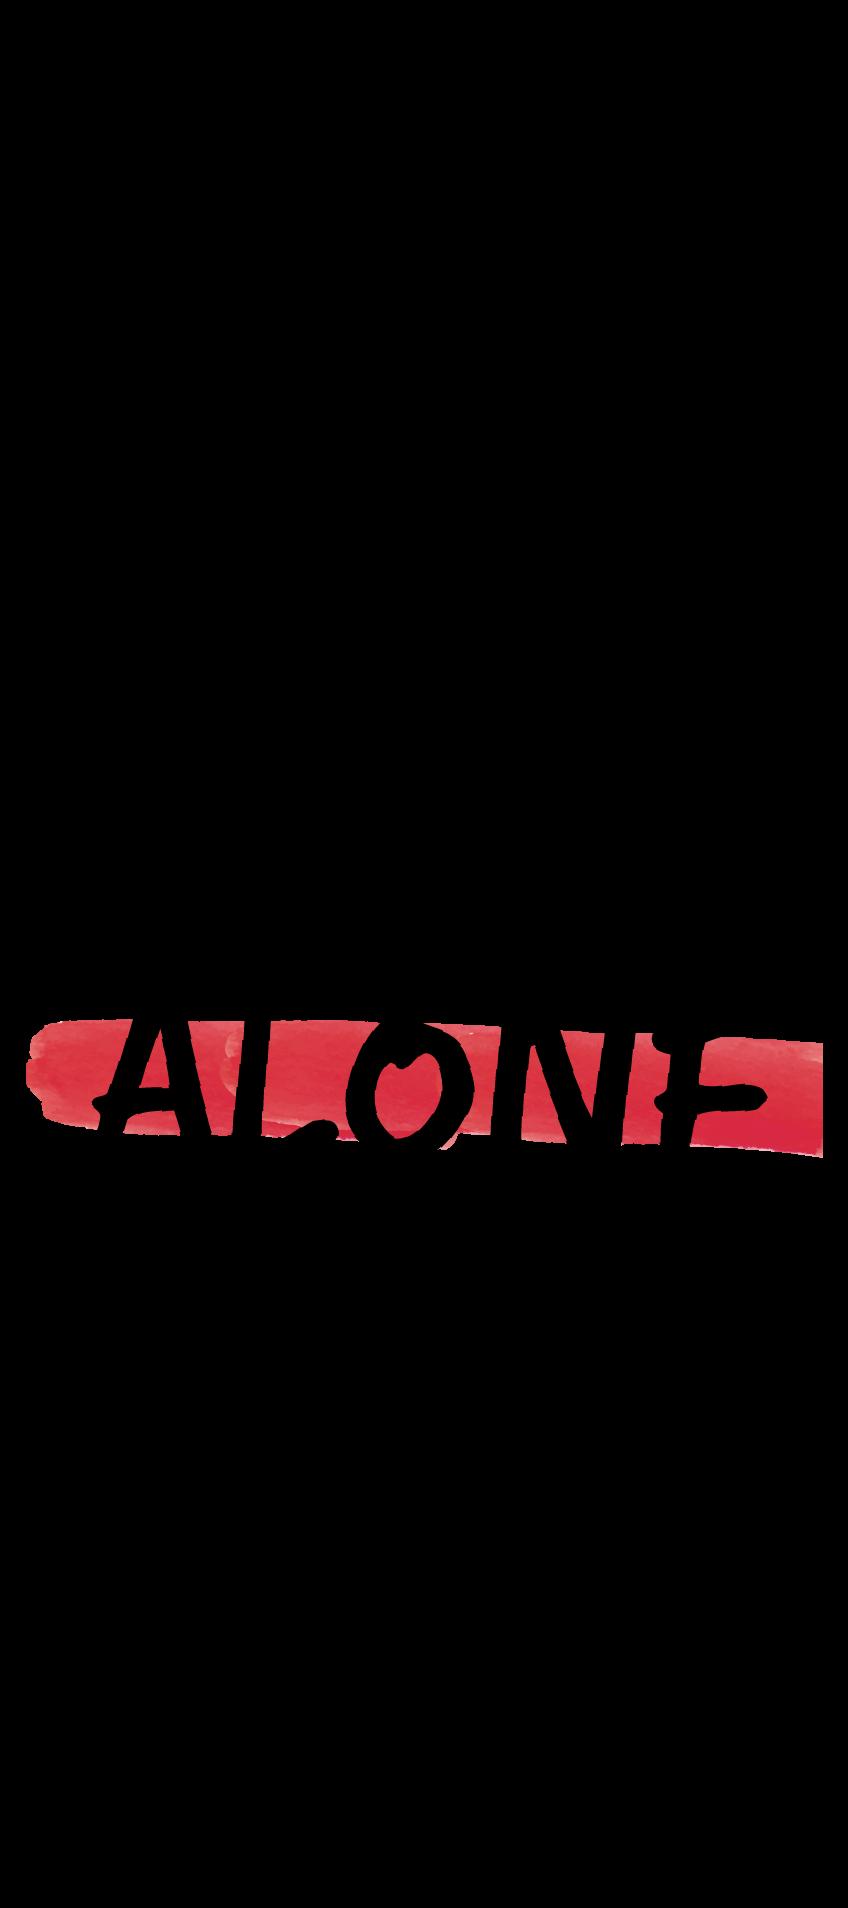 cover alone